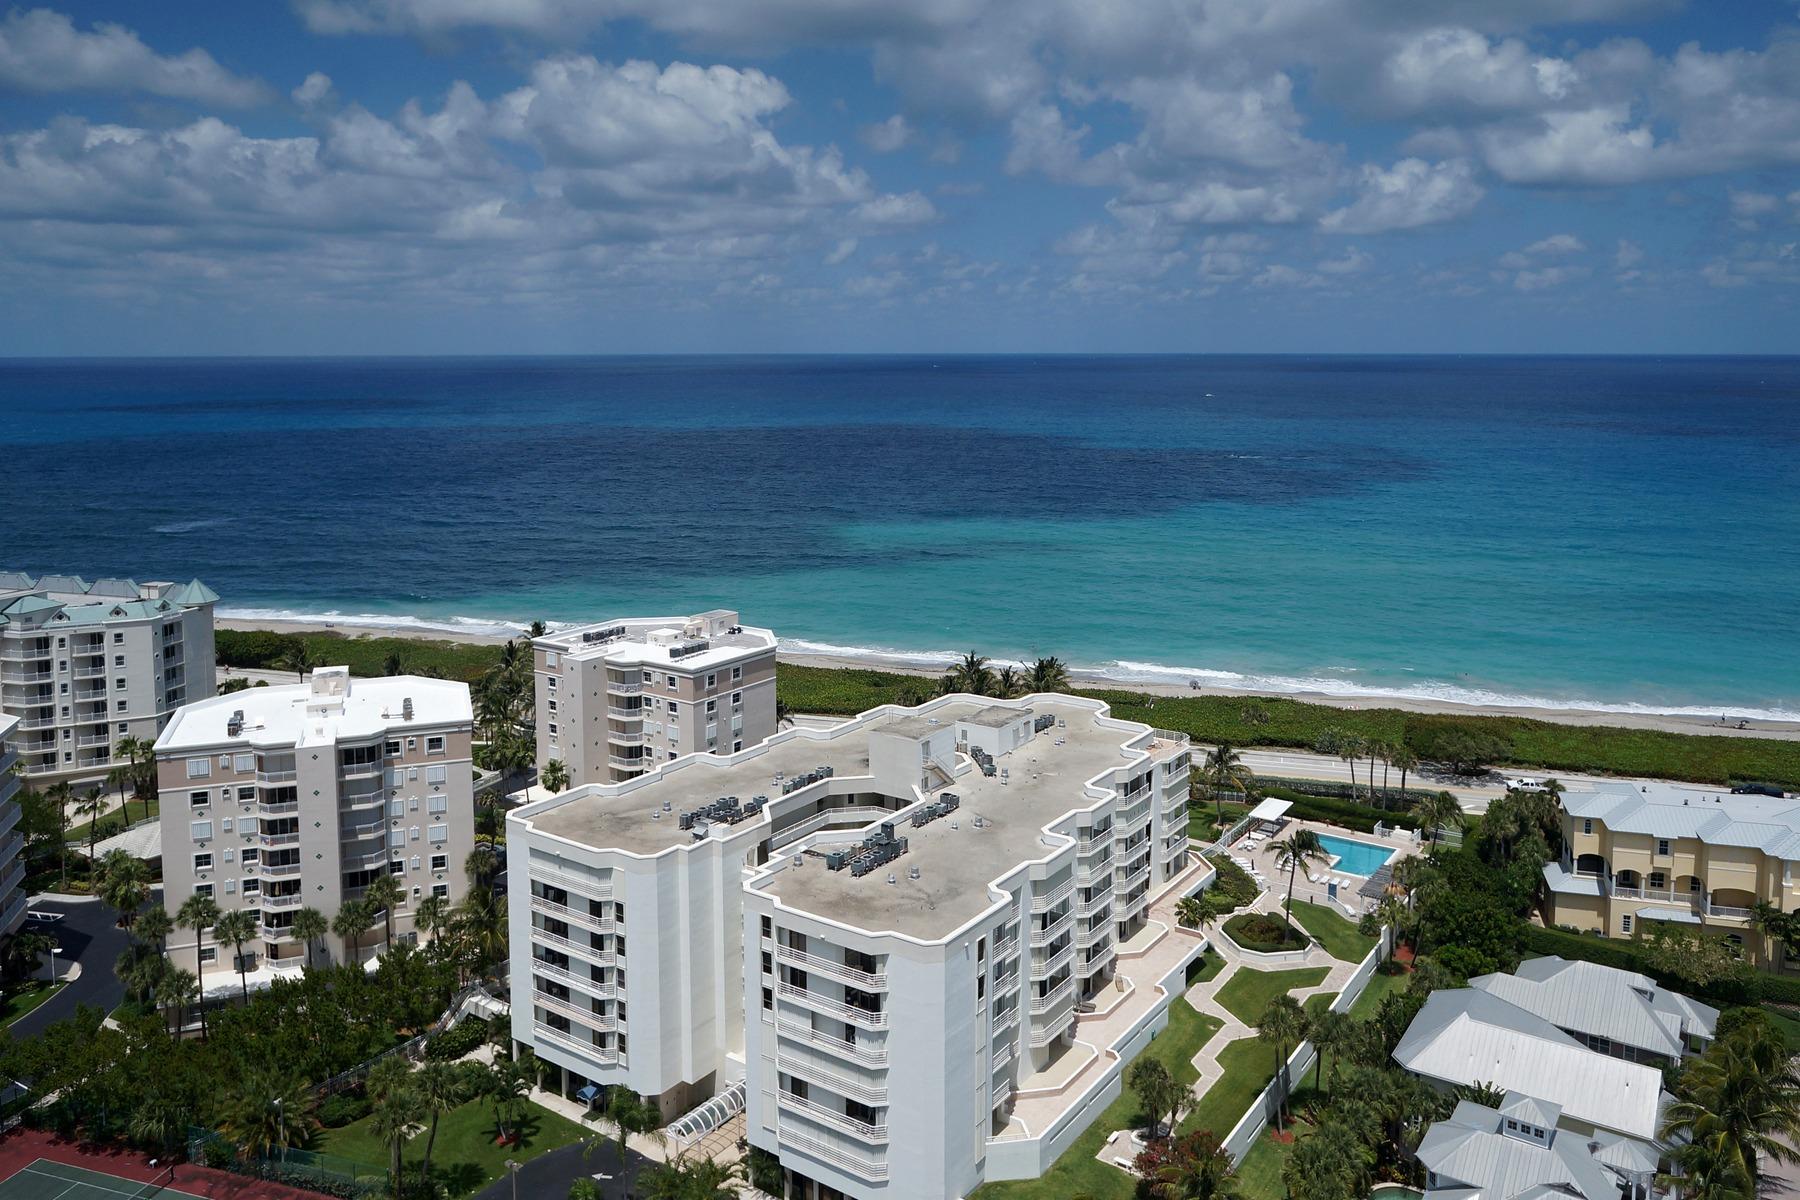 共管式独立产权公寓 为 销售 在 176 Helios Dr., 406 朱庇特, 佛罗里达州 33477 美国